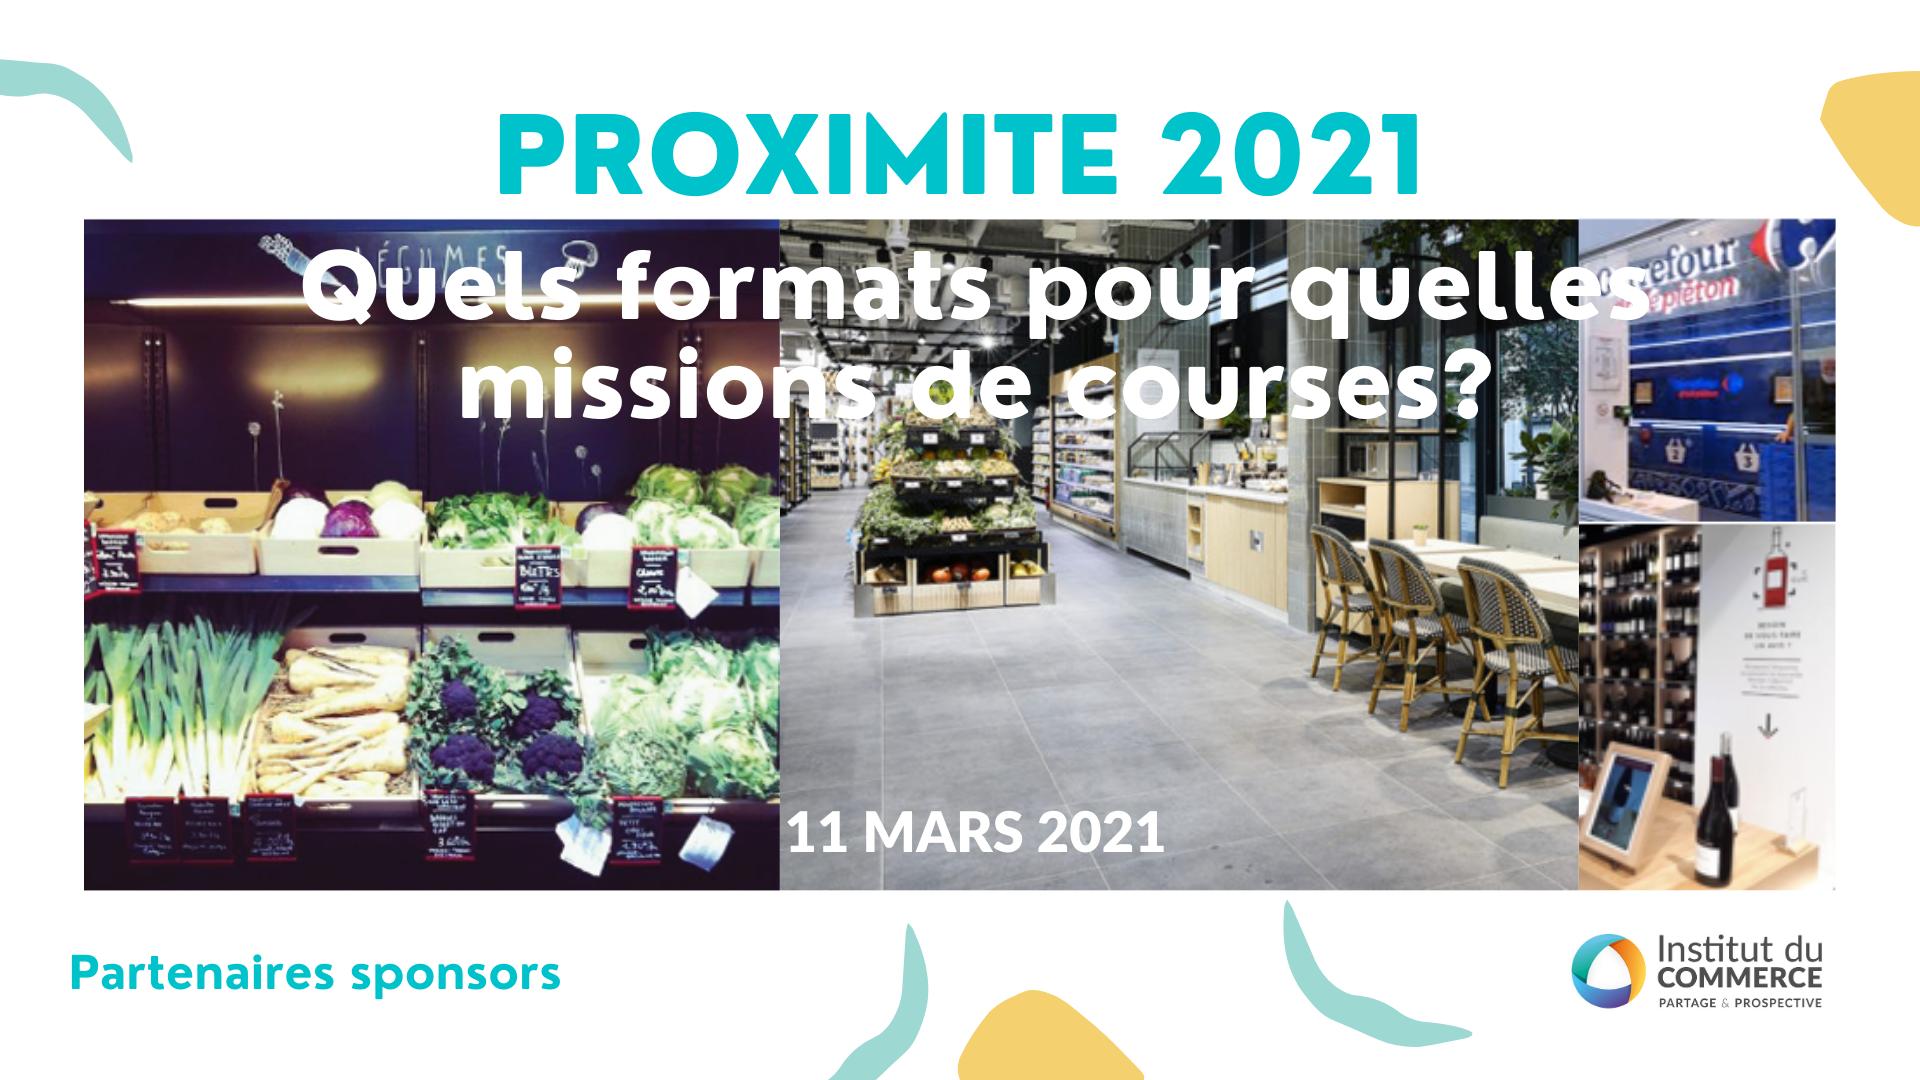 Proximité 2021 : quels formats pour quelles missions de courses ?